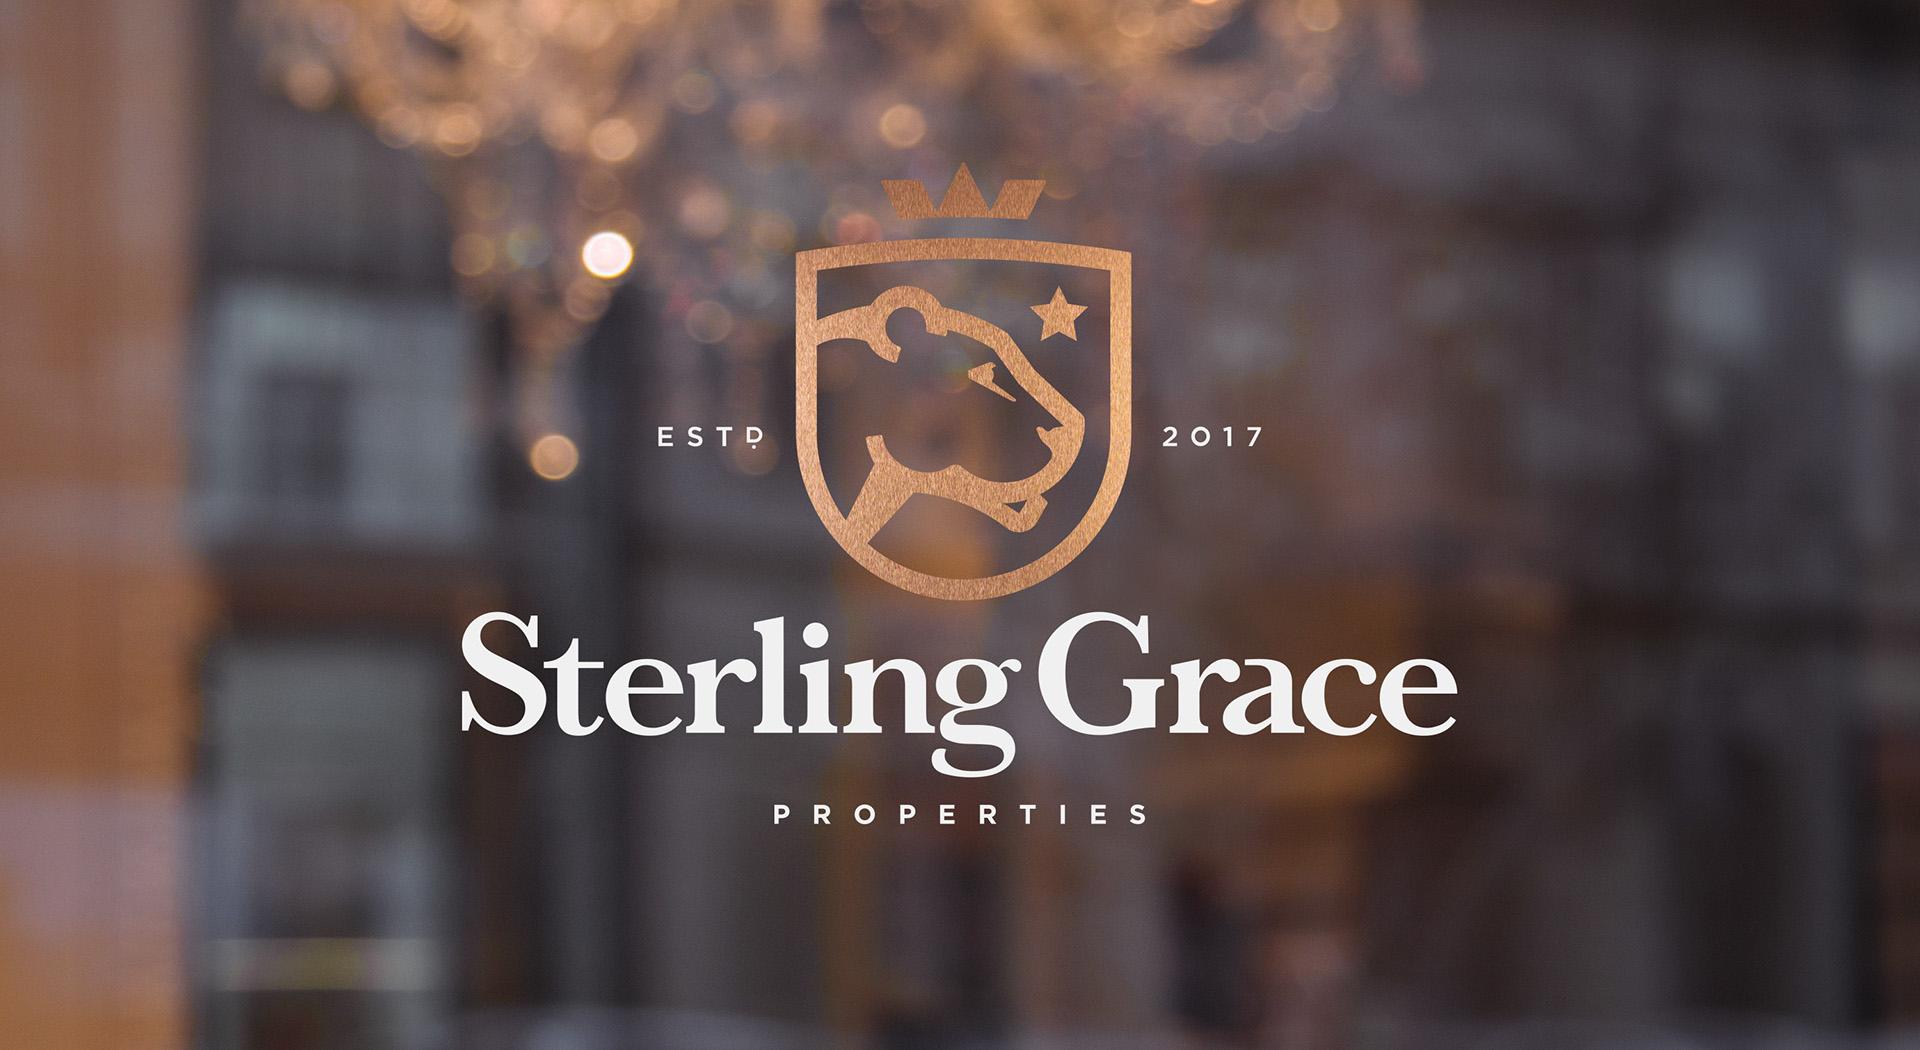 Sterling Grace